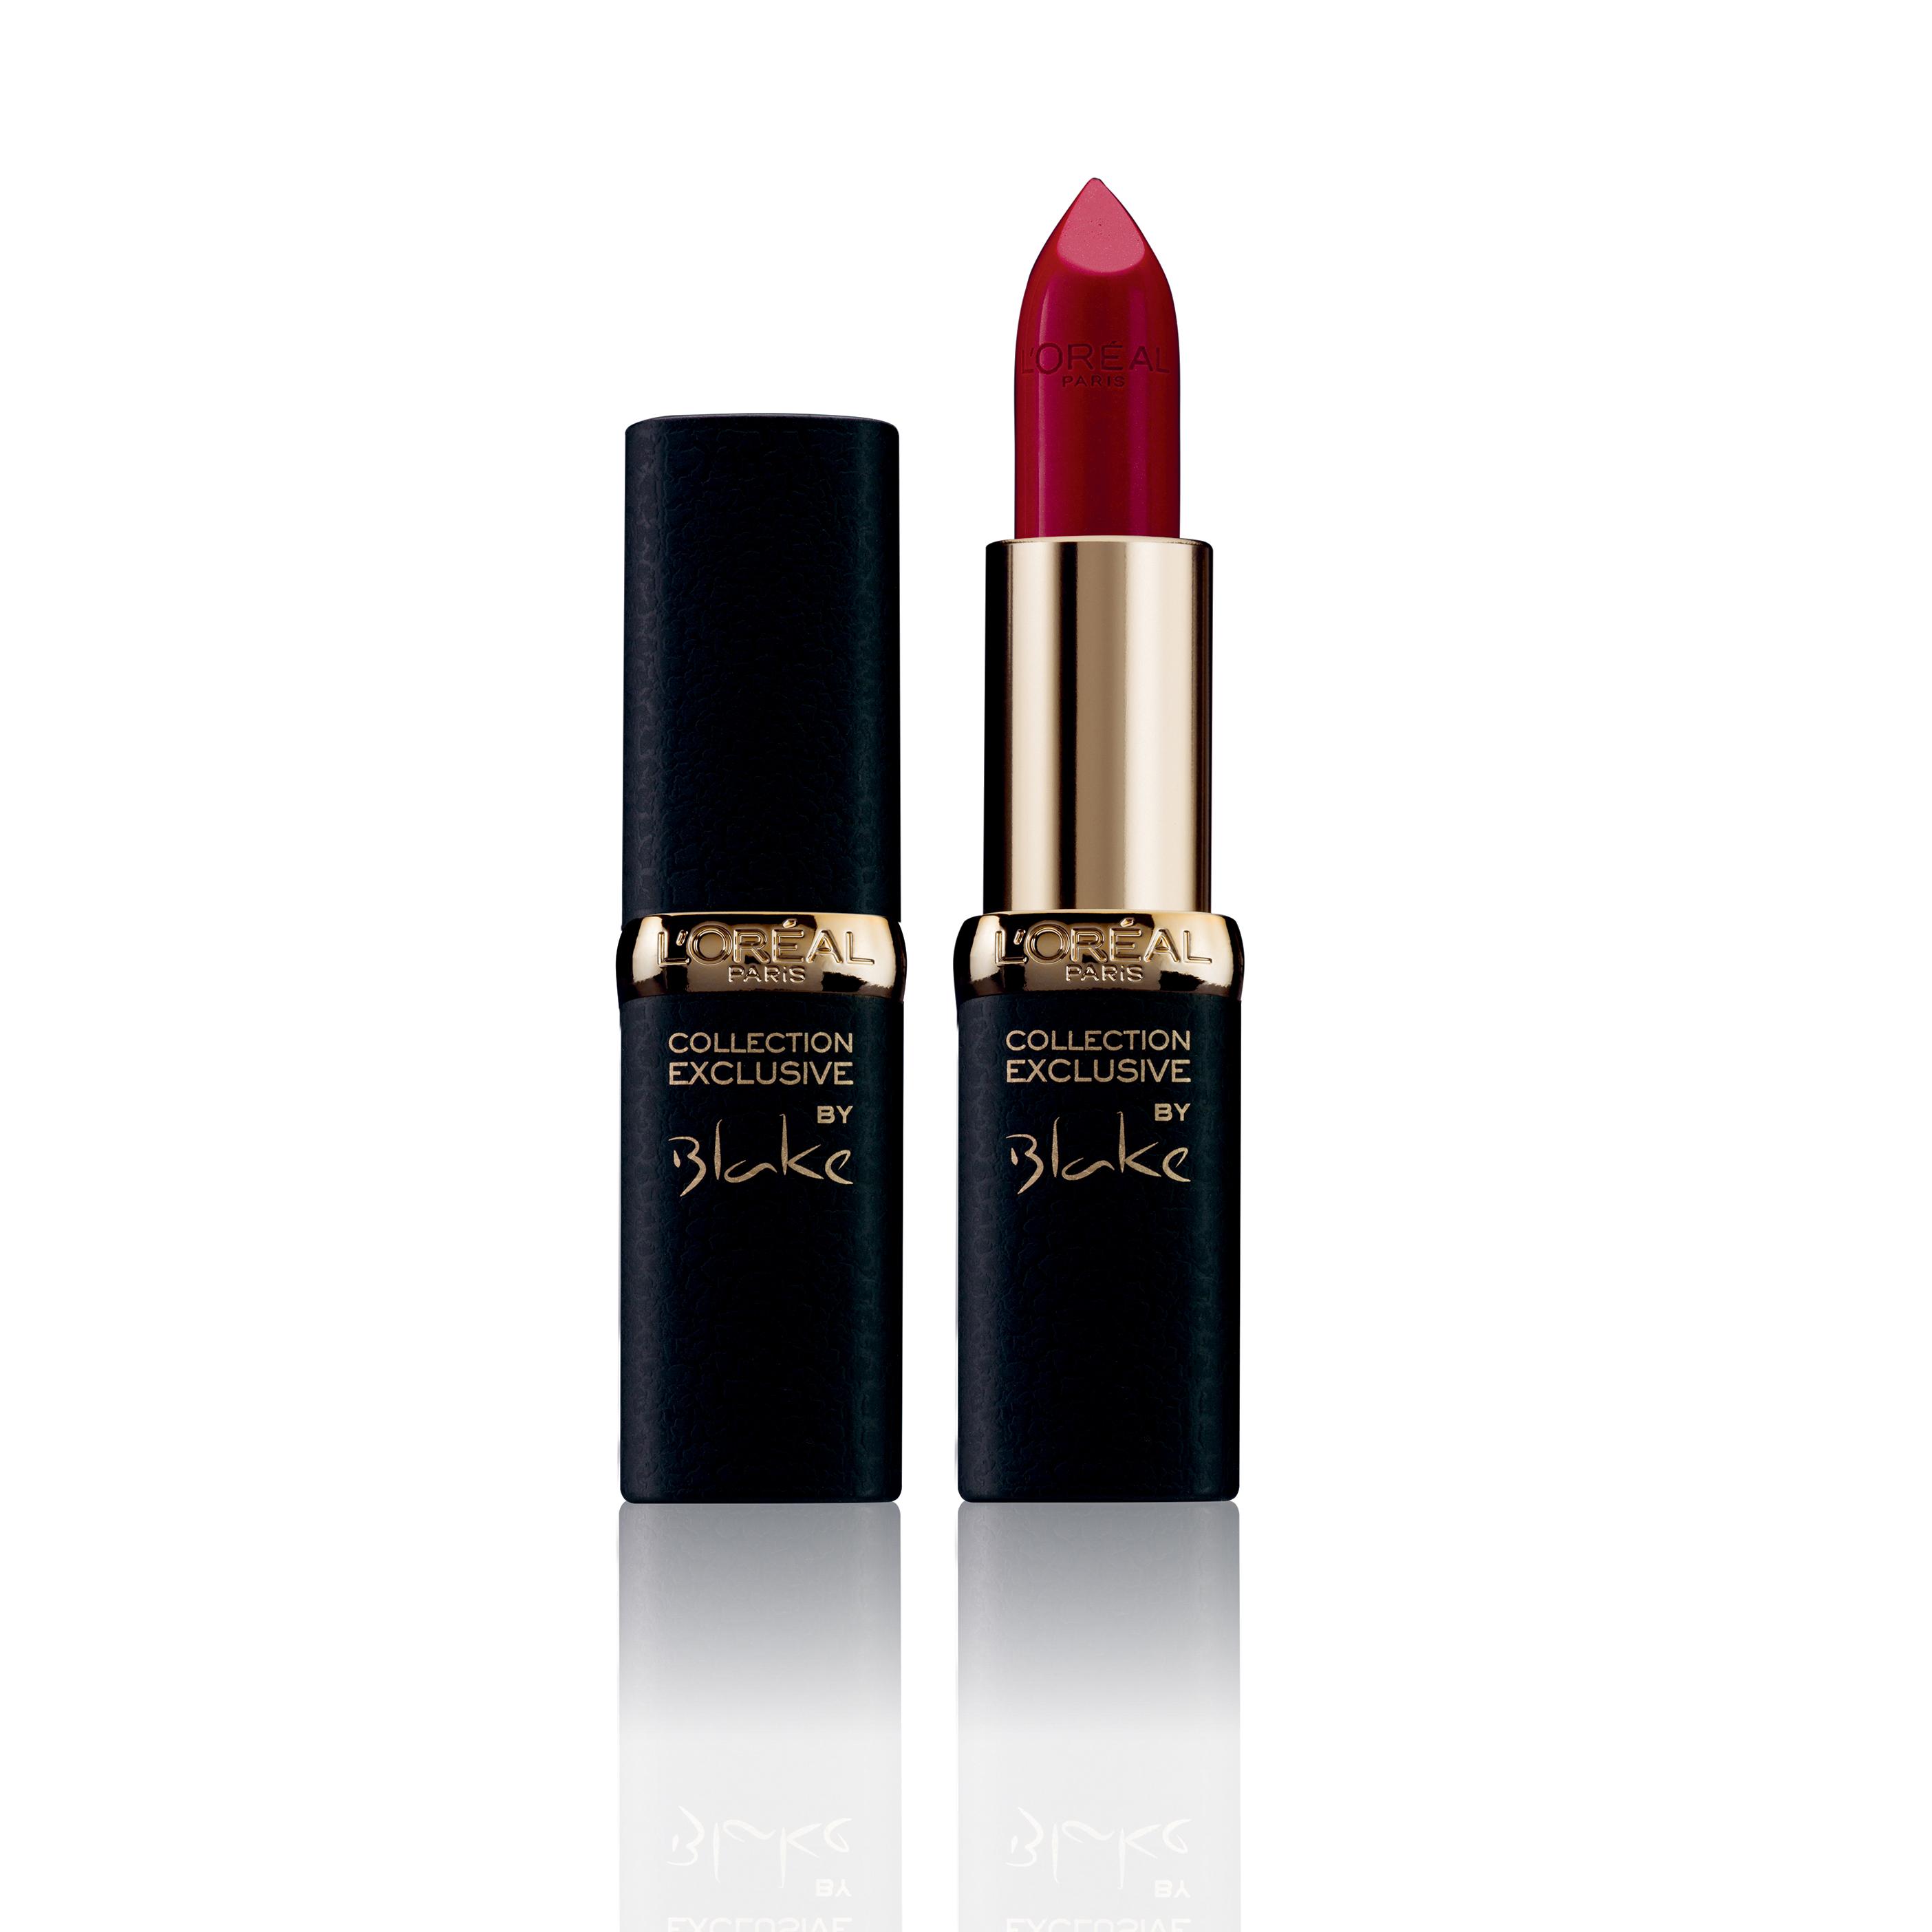 Pintalabios rojo mate Blake Lively Collection Exclusive de L'Oréal Paris